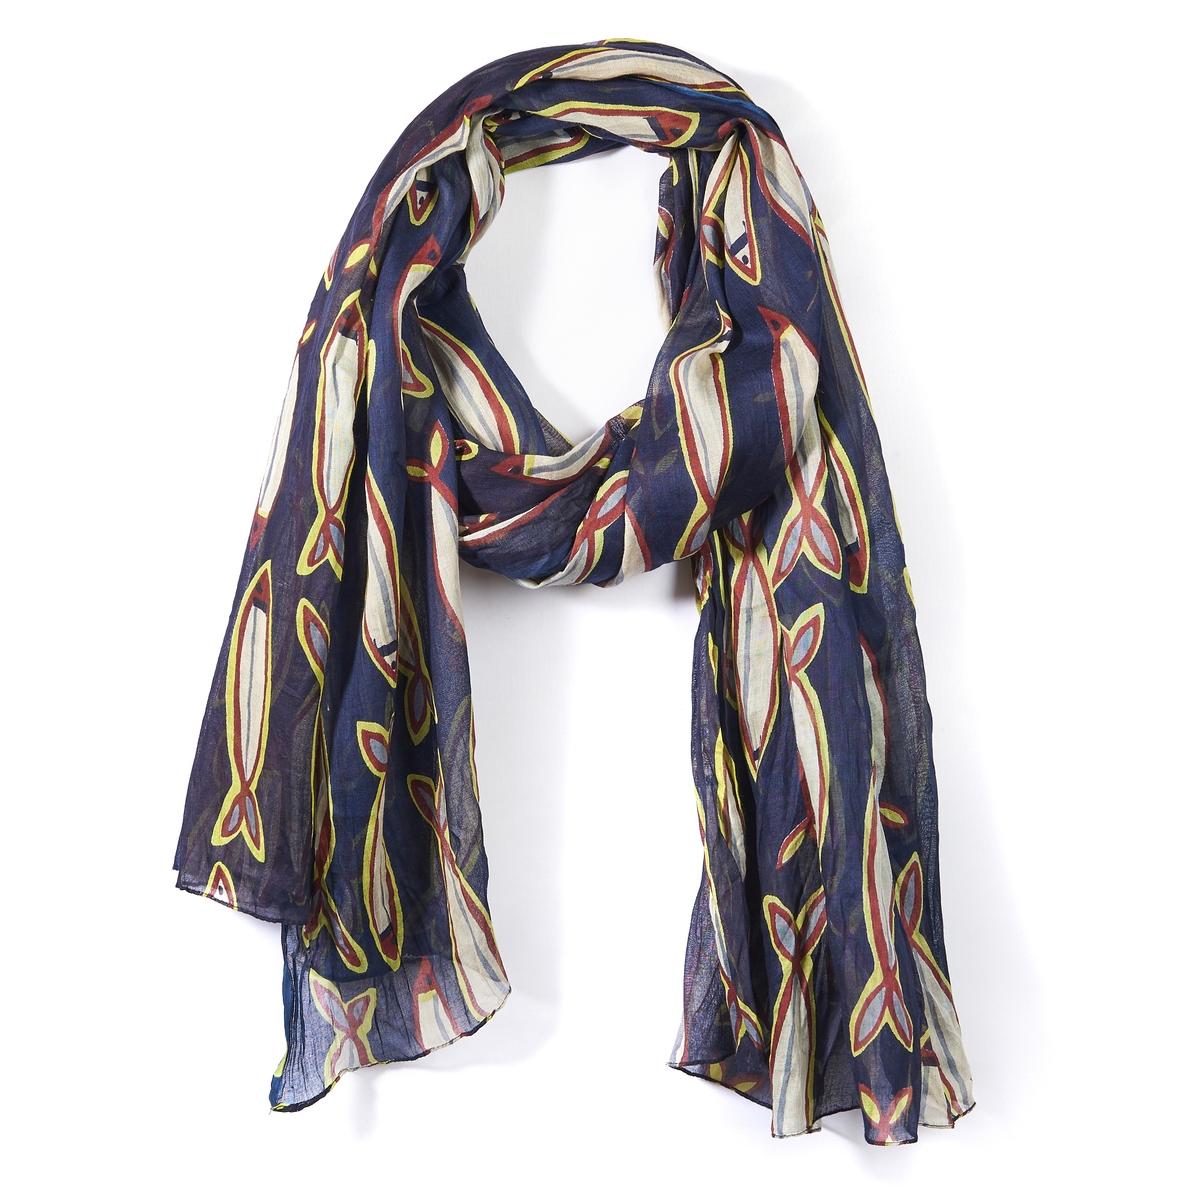 Платок с рисунком рыбкиОписание:Платок с красивым стилизованным принтом рыбки, сочетается с джинсами, пуловером в темно-синюю полоску или изысканным нарядом ! Состав и описание :Материал : полиэстерРазмер : 180 X 110 см<br><br>Цвет: синий